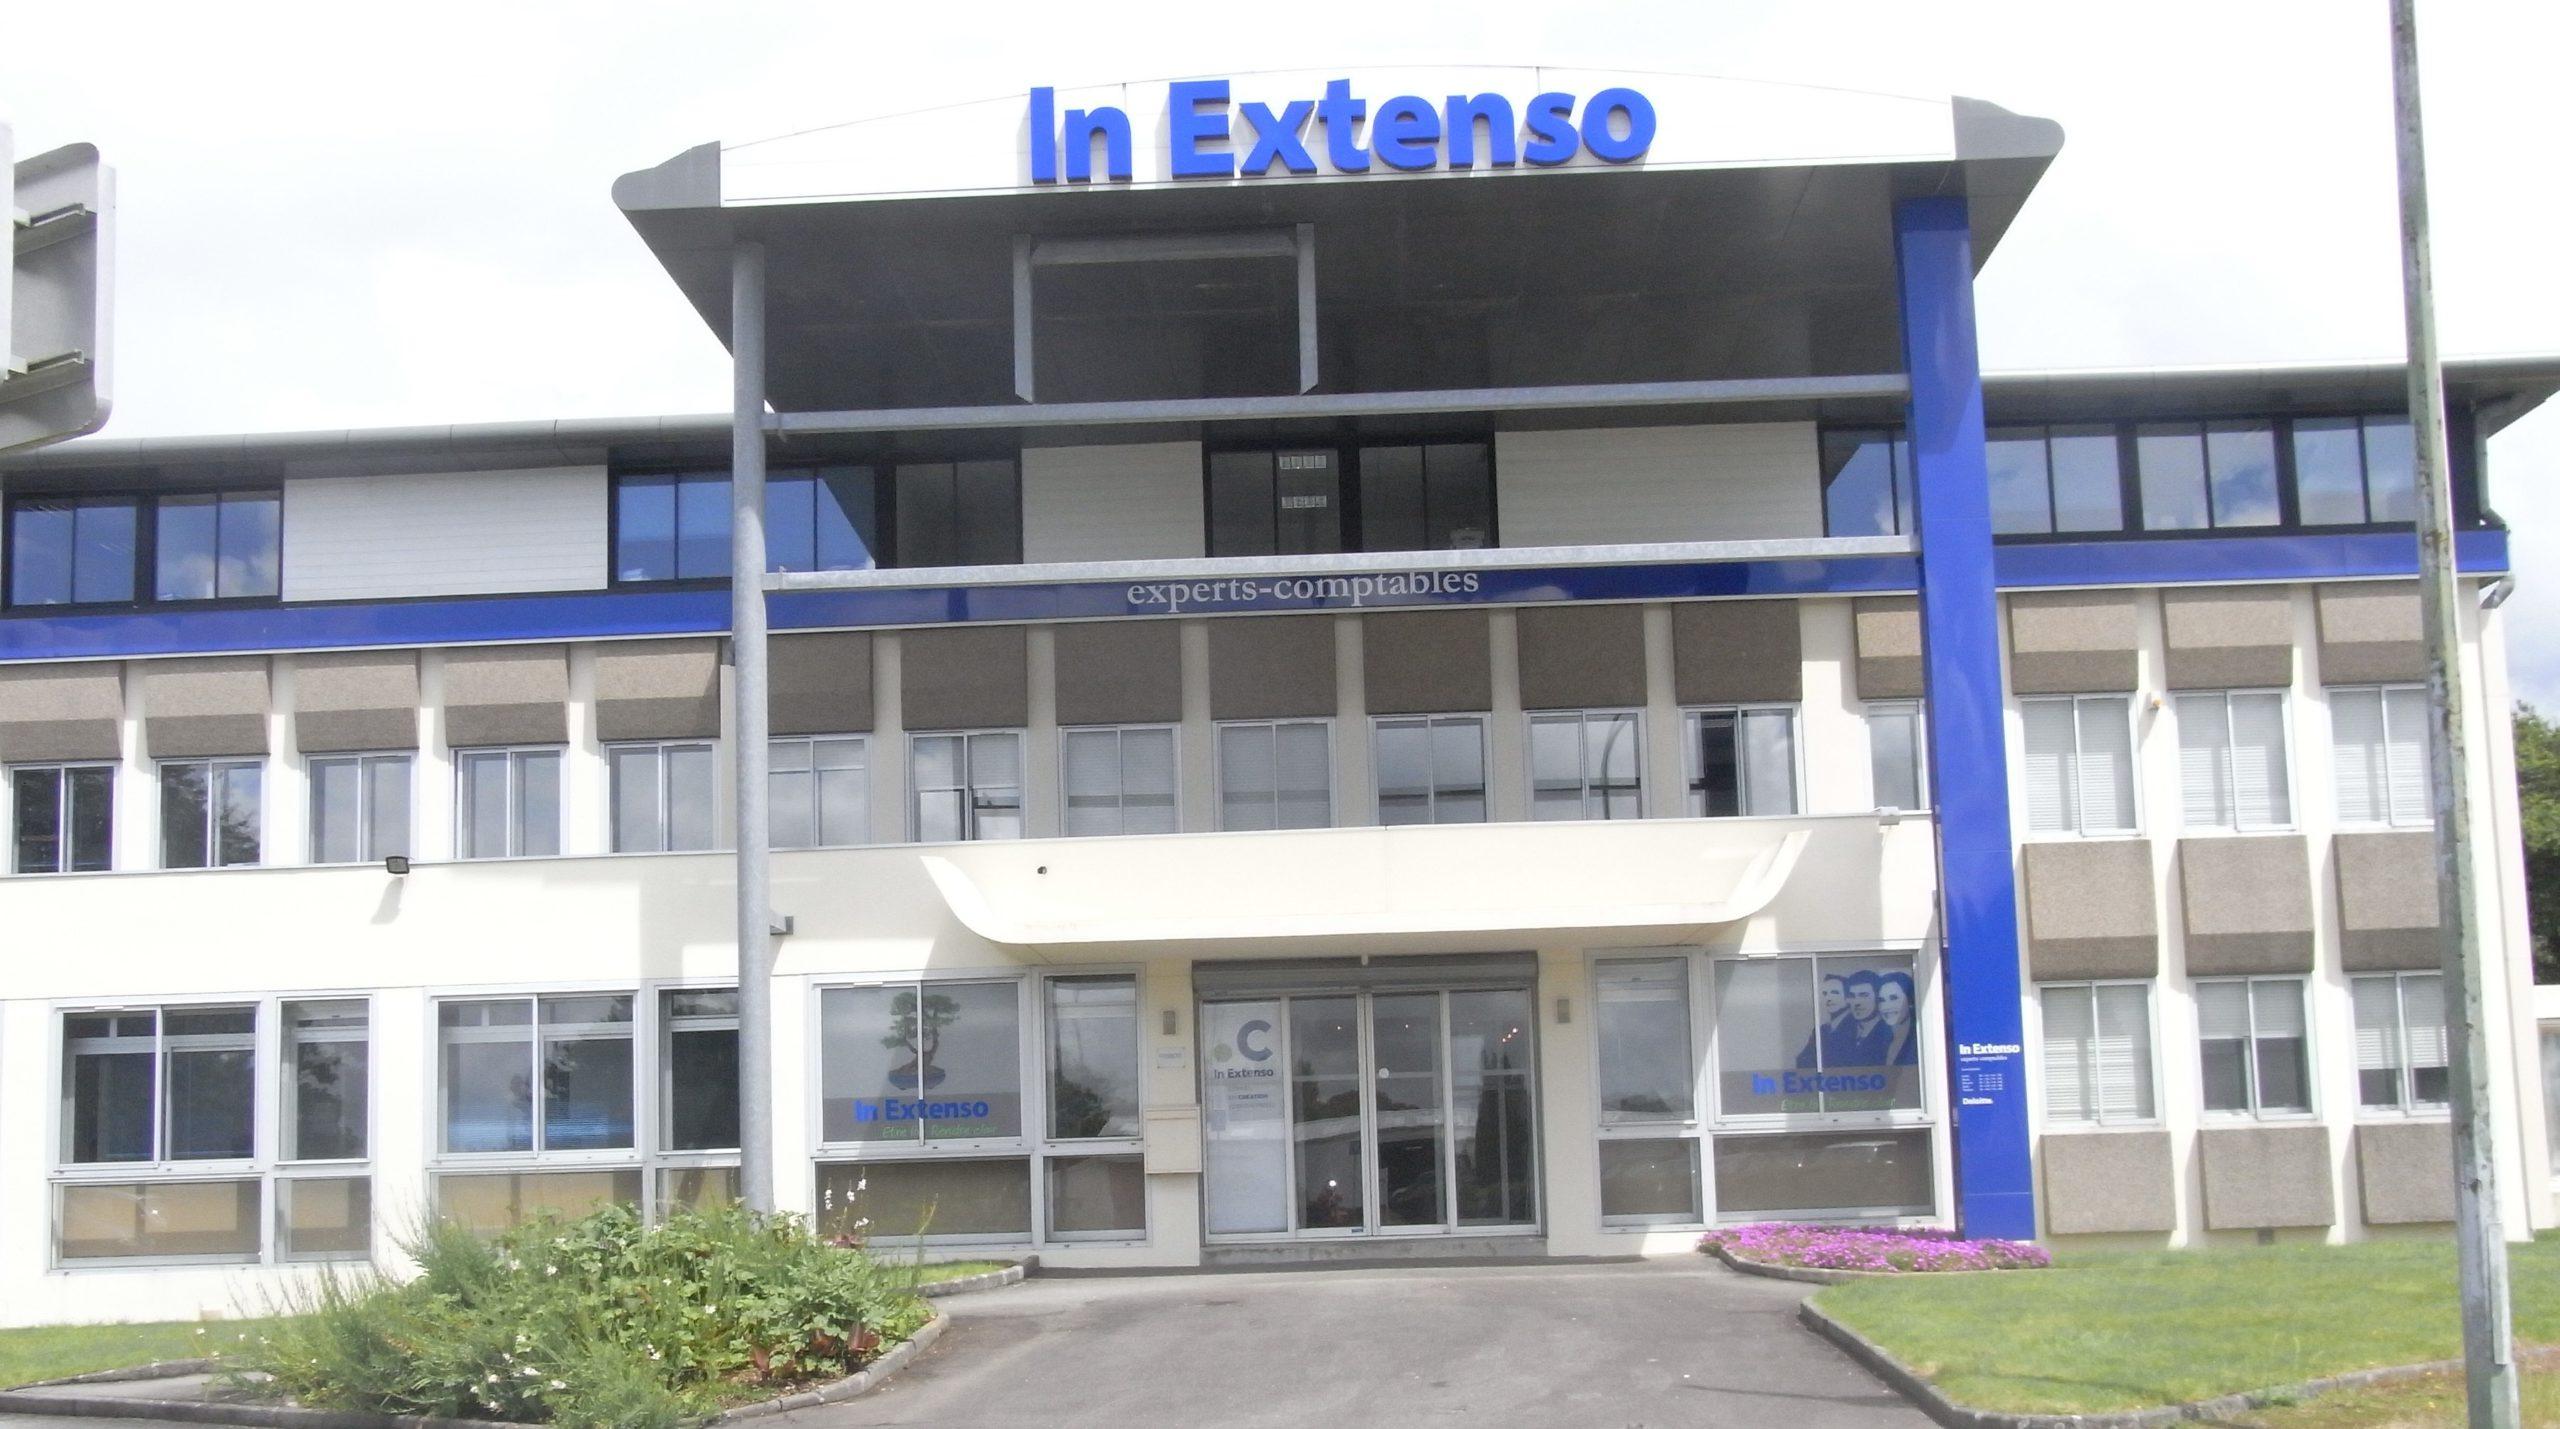 Agence Point C de Brest